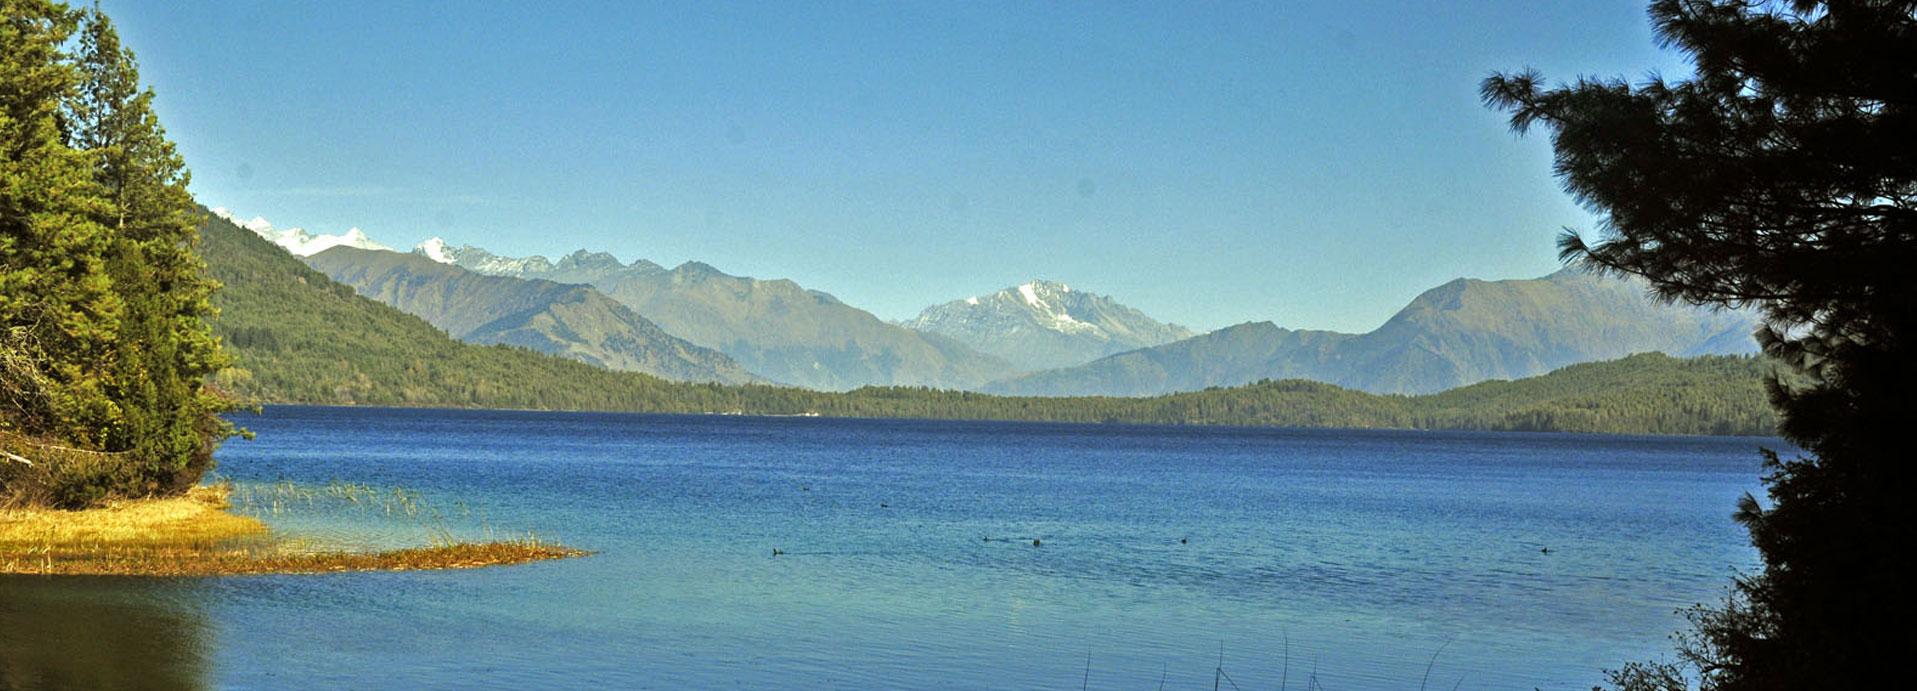 Rara Lake Singa Valley Trek